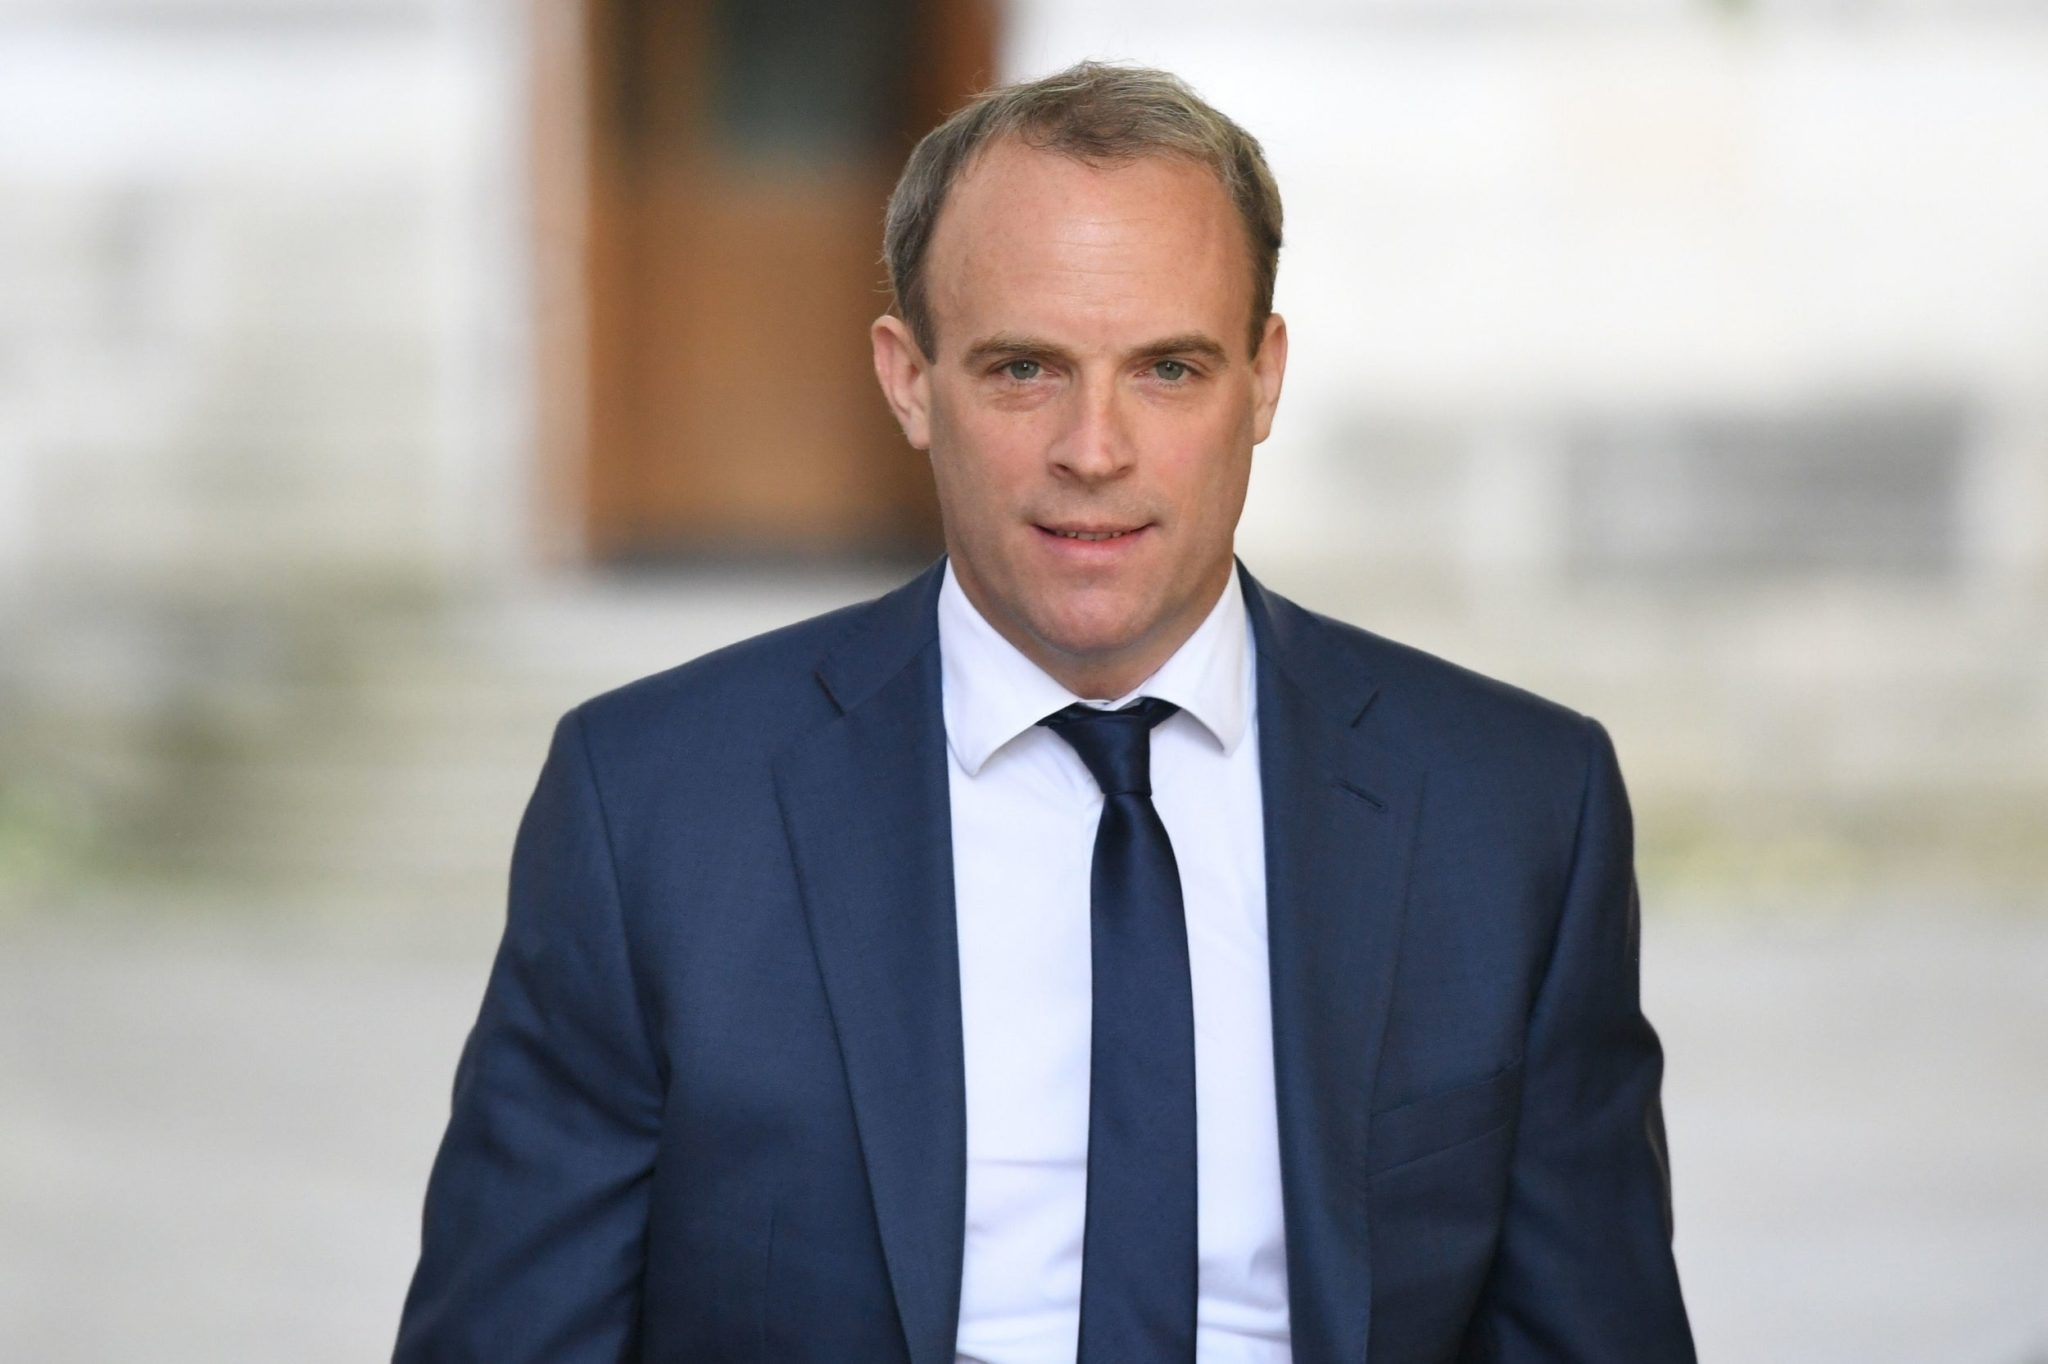 Reino Unido suspende tratado de extradição com Hong Kong